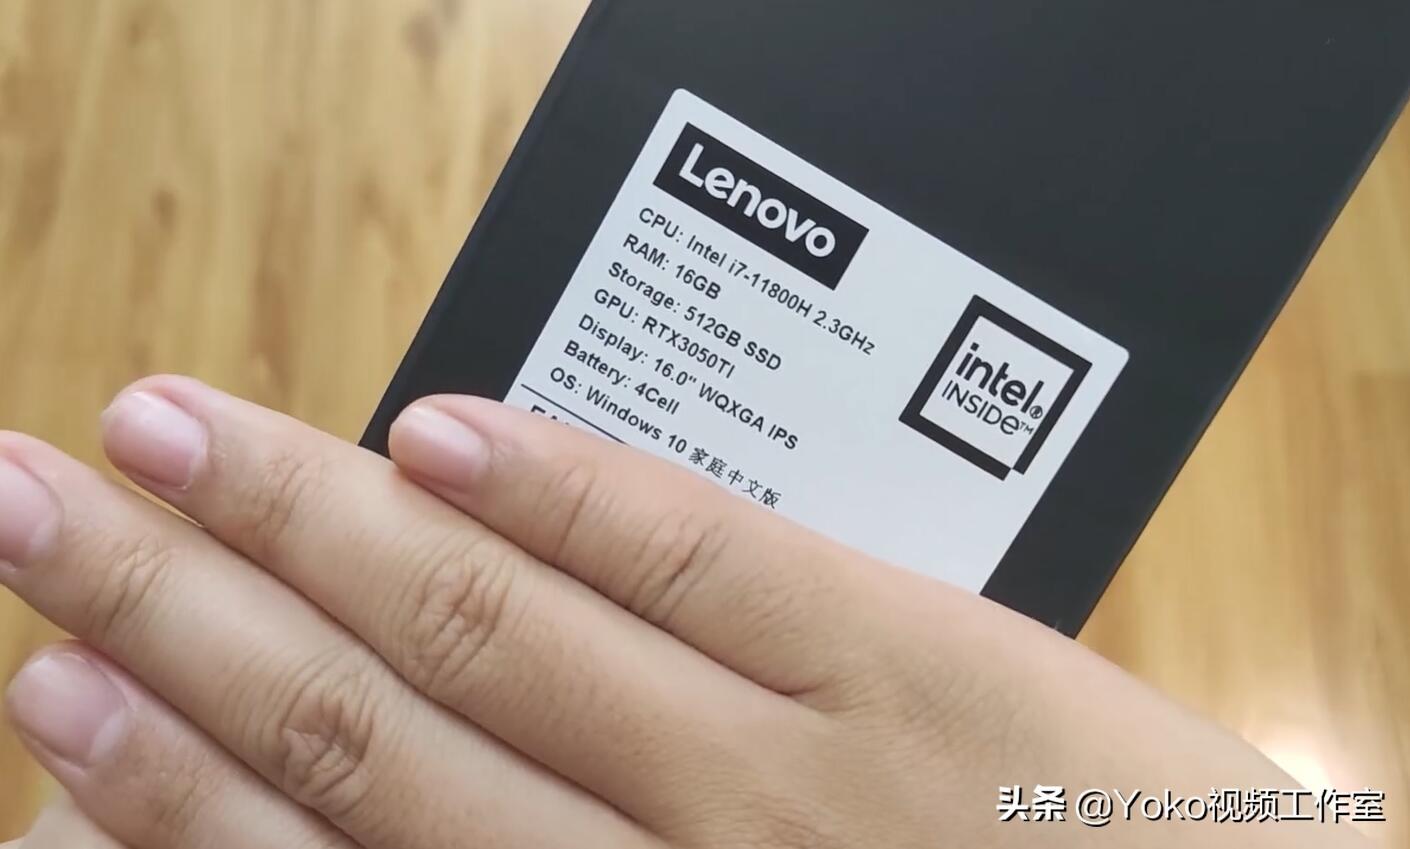 第一次买电脑,在哪买靠谱?没货咋办?